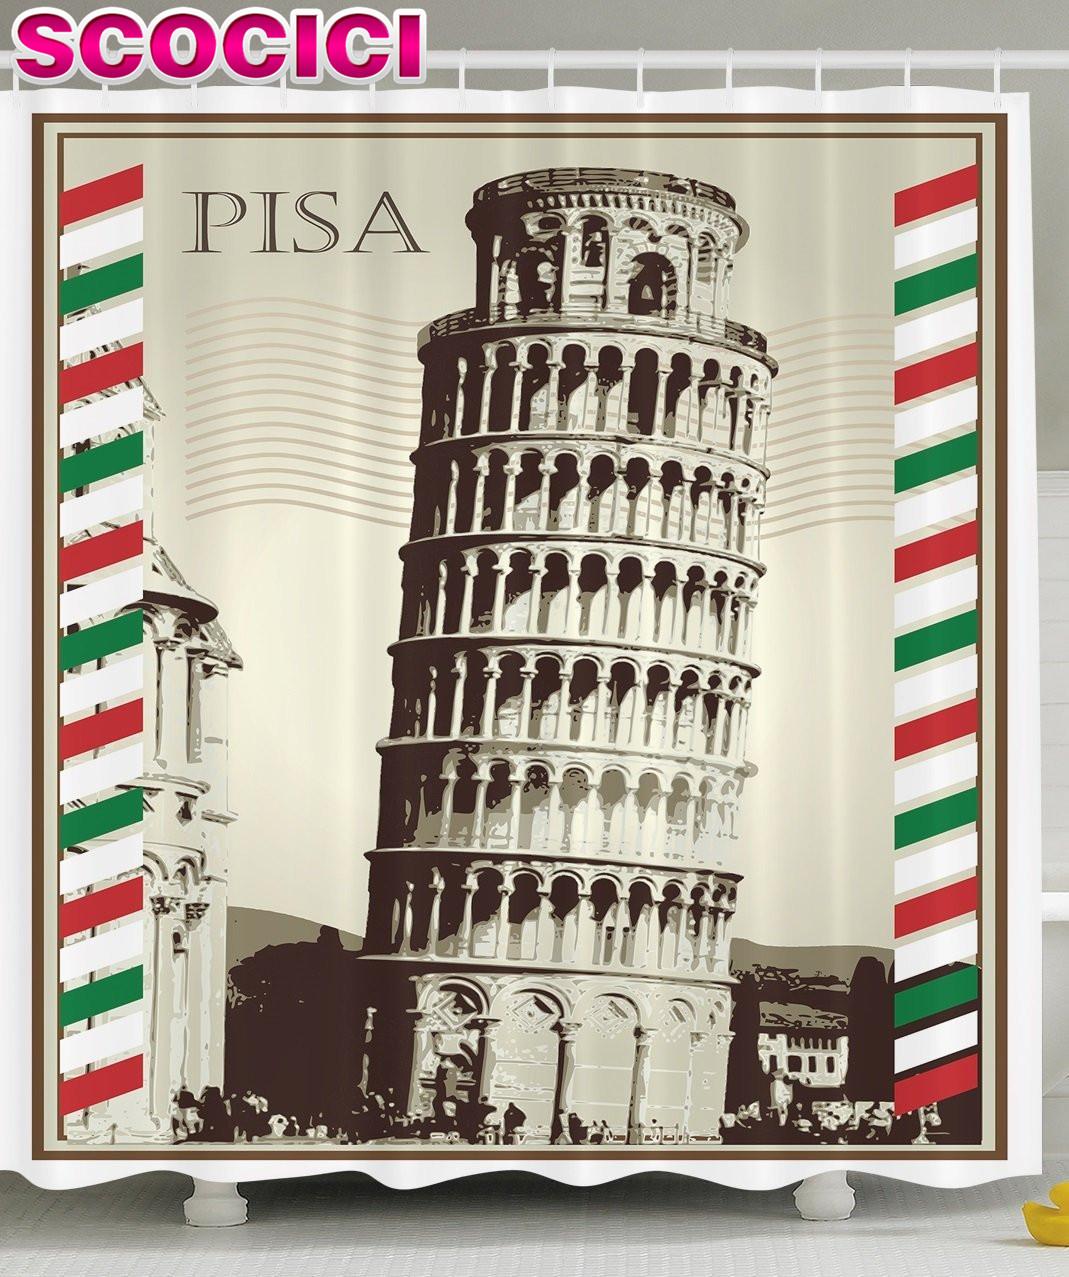 famoso italia bandera italiana de la torre inclinada de pisa vendimia caligrfica postal postal del bao